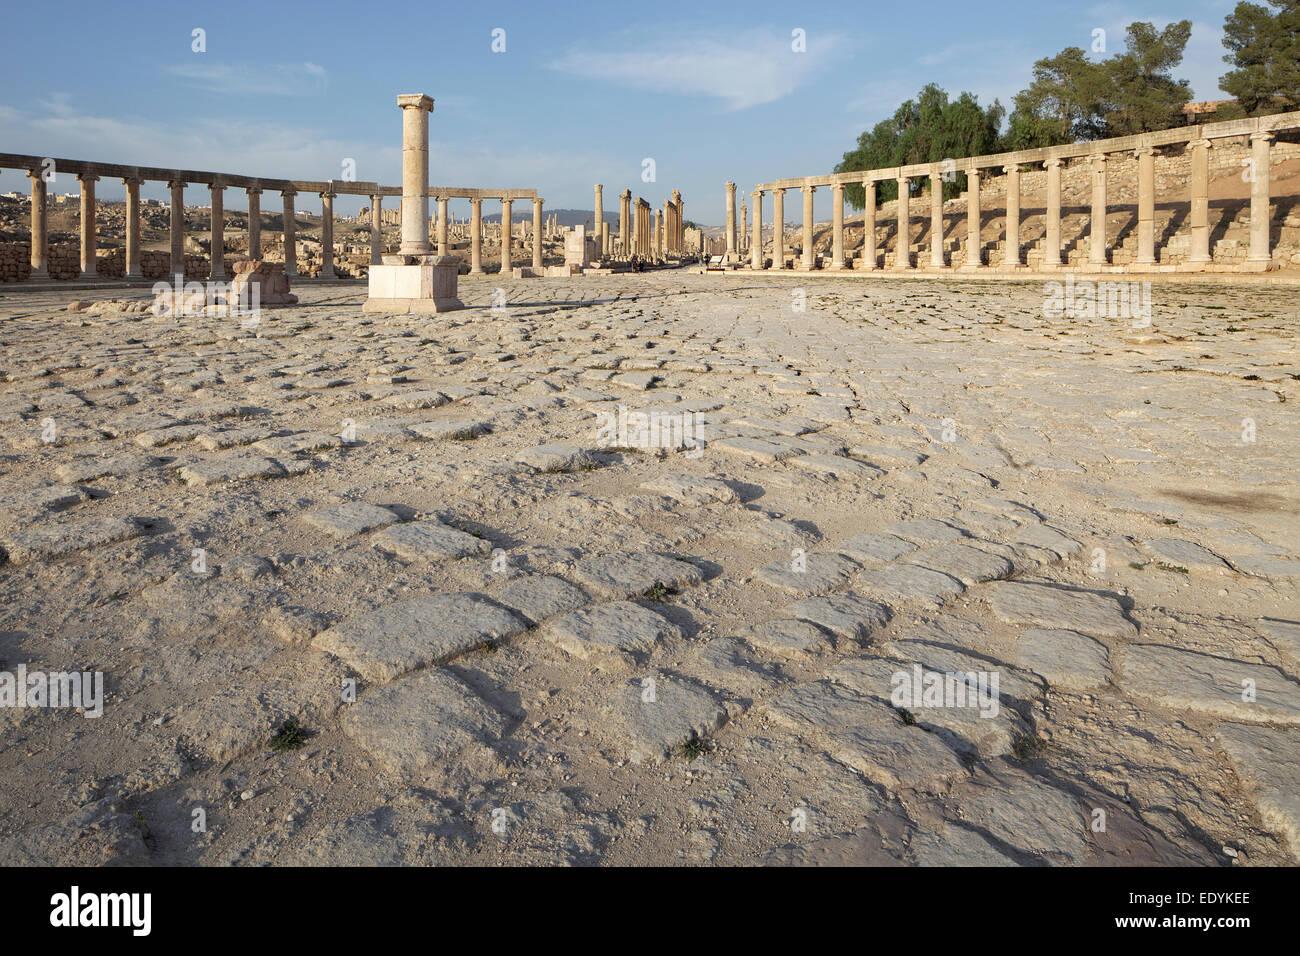 Pflasterarbeiten, ovale Forum, alte römische Stadt Jerash, Teil der Dekapolis, Jerash, Jerash Governorate, Stockbild